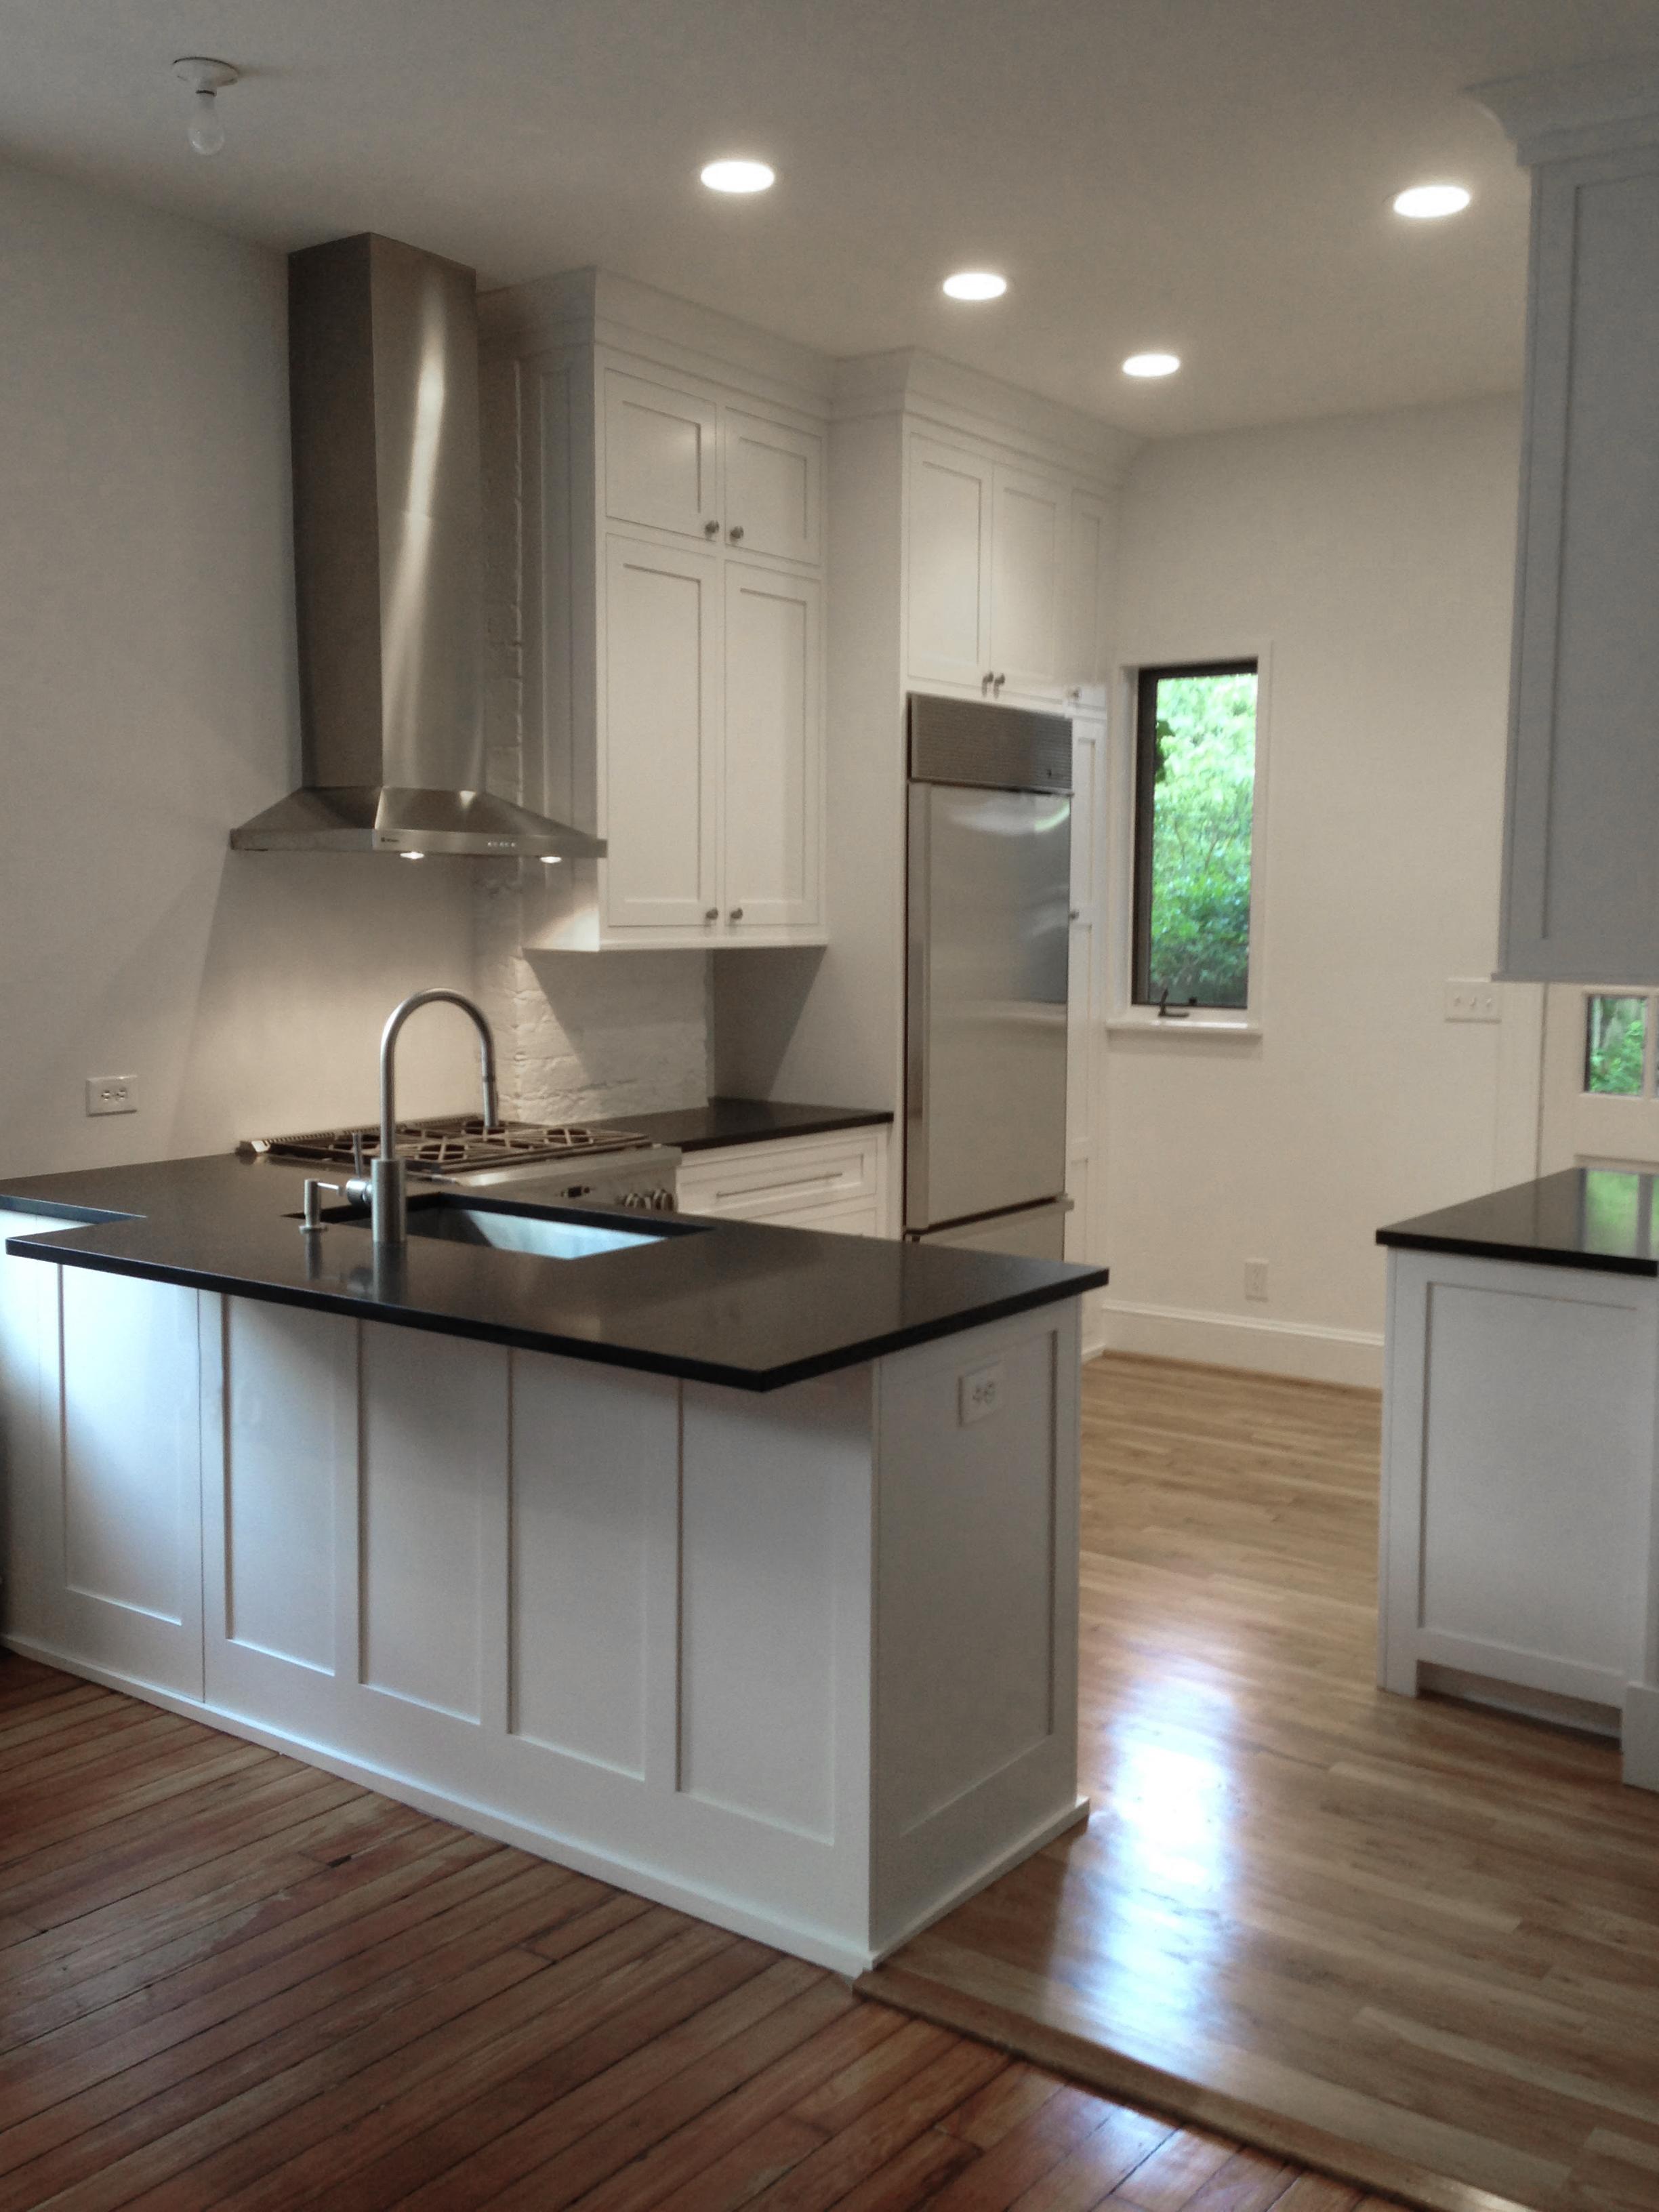 Headley_kitchen3.jpg